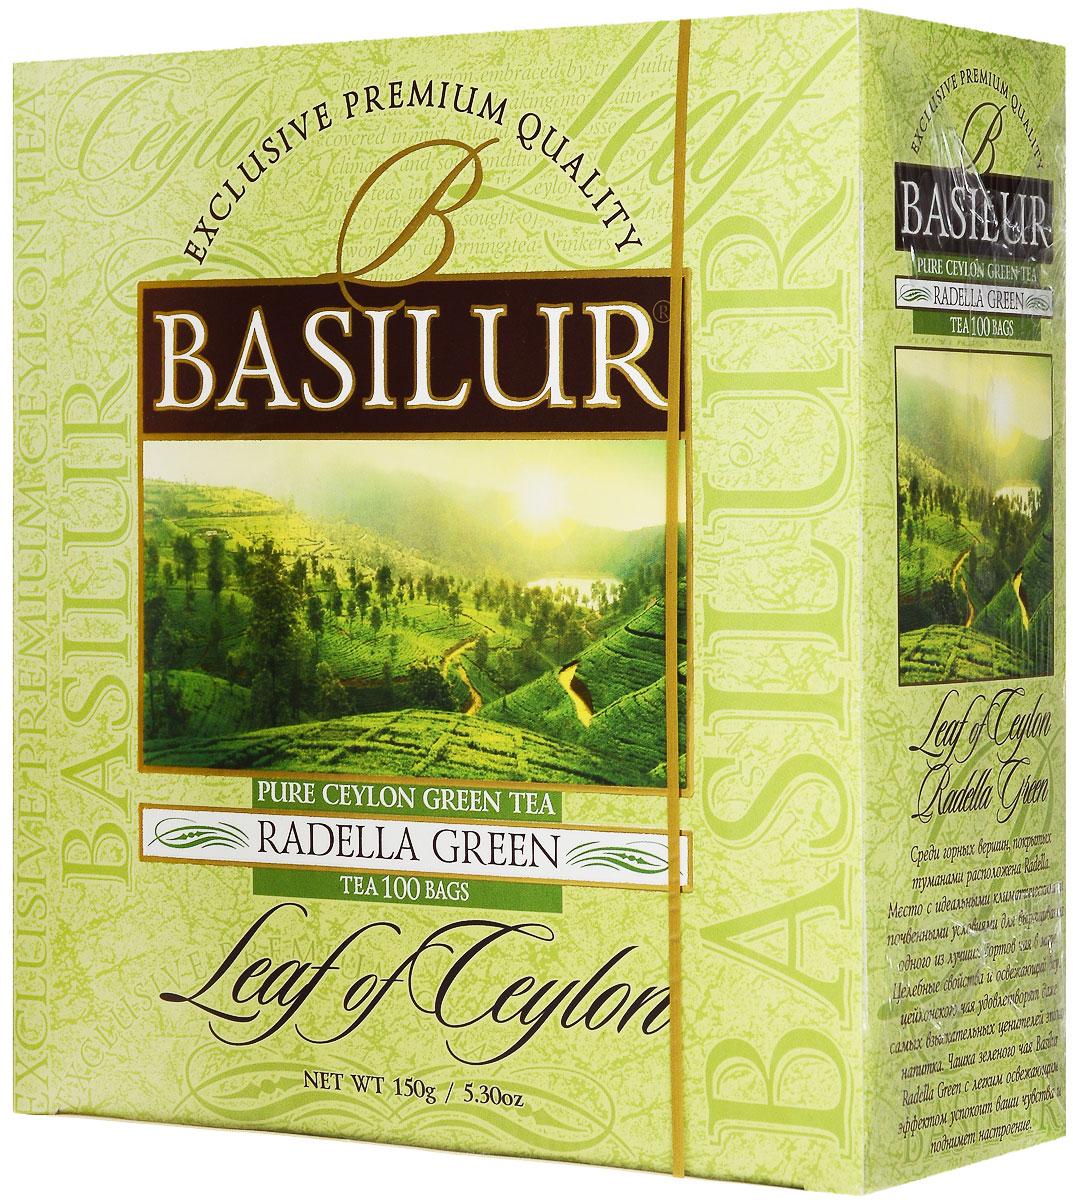 Basilur Radella зеленый чай в пакетиках, 100 шт70455-00Зелёный цейлонский байховый мелколистовой чай Basilur Radella в пакетиках с ярлычками для разовой заварки - отличный вариант на каждый день!Среди горных вершин, покрытых туманами расположена Radella. Место с идеальными климатическими и почвенными условиями для выращивания одного из лучших сортов чая в мире.Целебные свойства и освежающий вкус цейлонского чая удовлетворят даже самых взыскательных ценителей этого напитка. Чашка зеленого чая Basilur Radella Green с легким освежающим эффектом успокоит ваши чувства и поднимет настроение.Всё о чае: сорта, факты, советы по выбору и употреблению. Статья OZON Гид